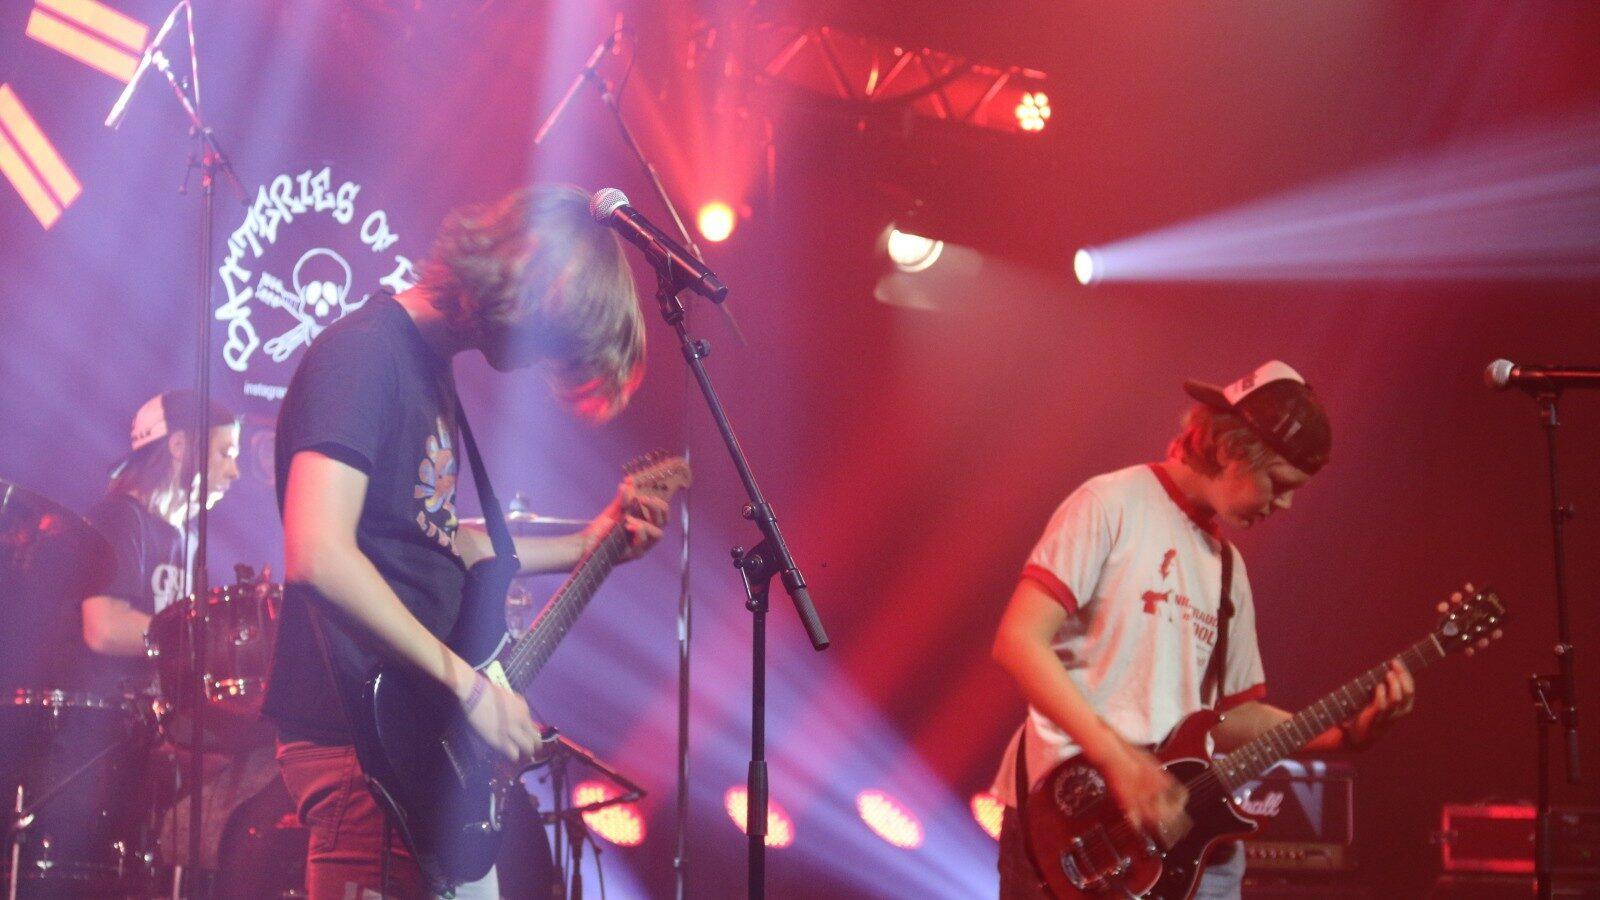 So., 08.08., OXMOX präsentiert: Hammer Sommer Festival mit Abi Wallenstein, Batteries of Rock, Panik Power Band,   u. a., Hammer Park (Festivalfläche), 5,- €